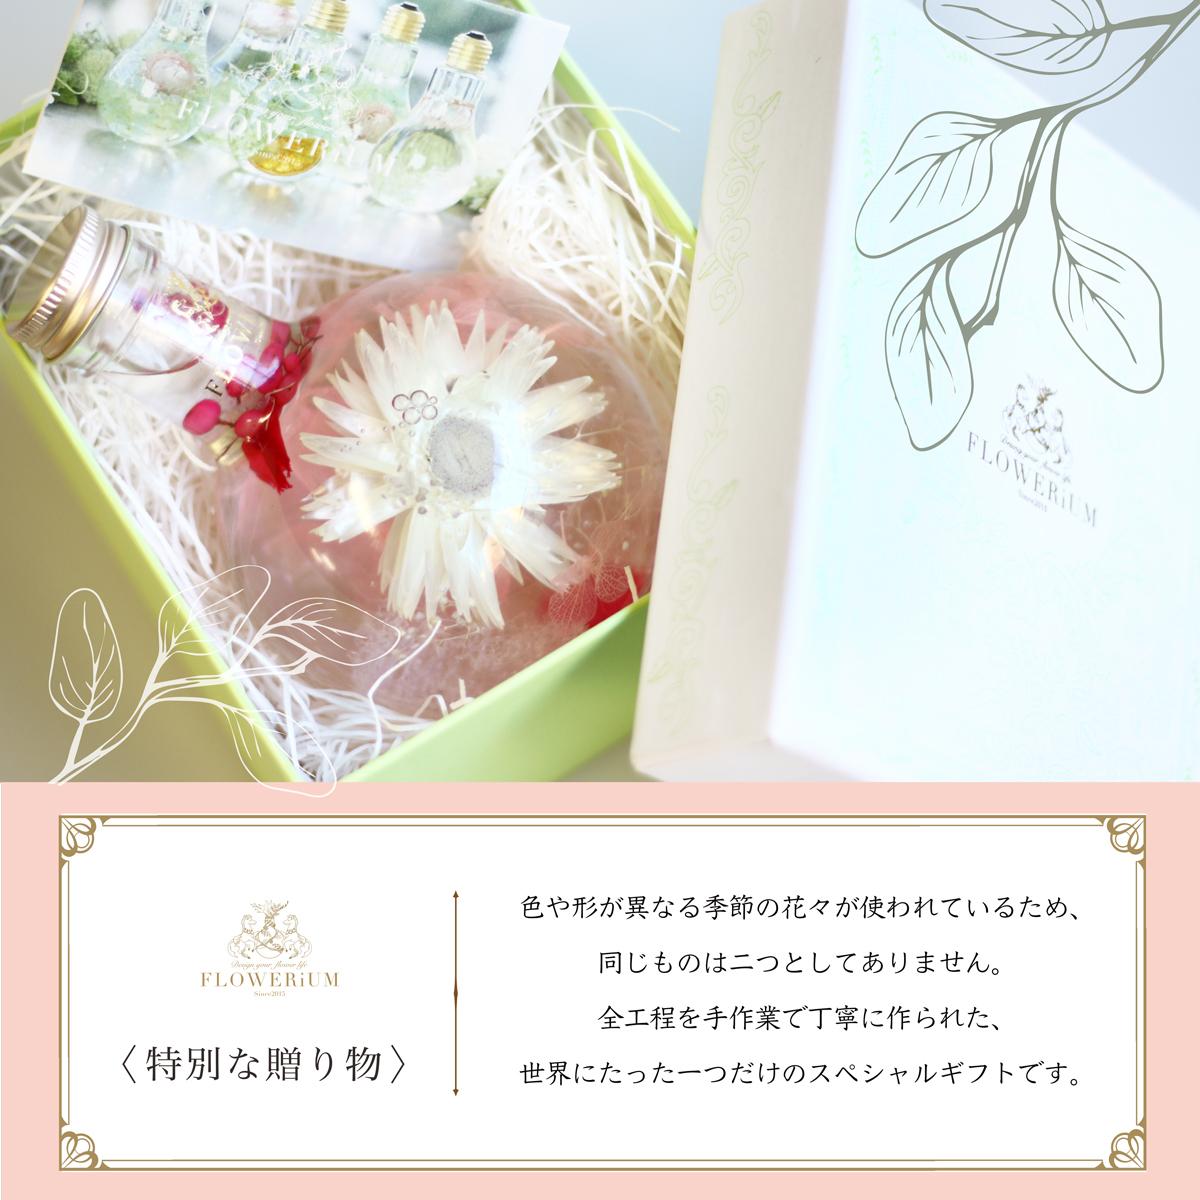 フラワリウム ハーバリウム 花 フラワーギフト 誕生日 プレゼント 贈り物 ソープフラワー ドライフラワー プリザーブドフラワー_画像8